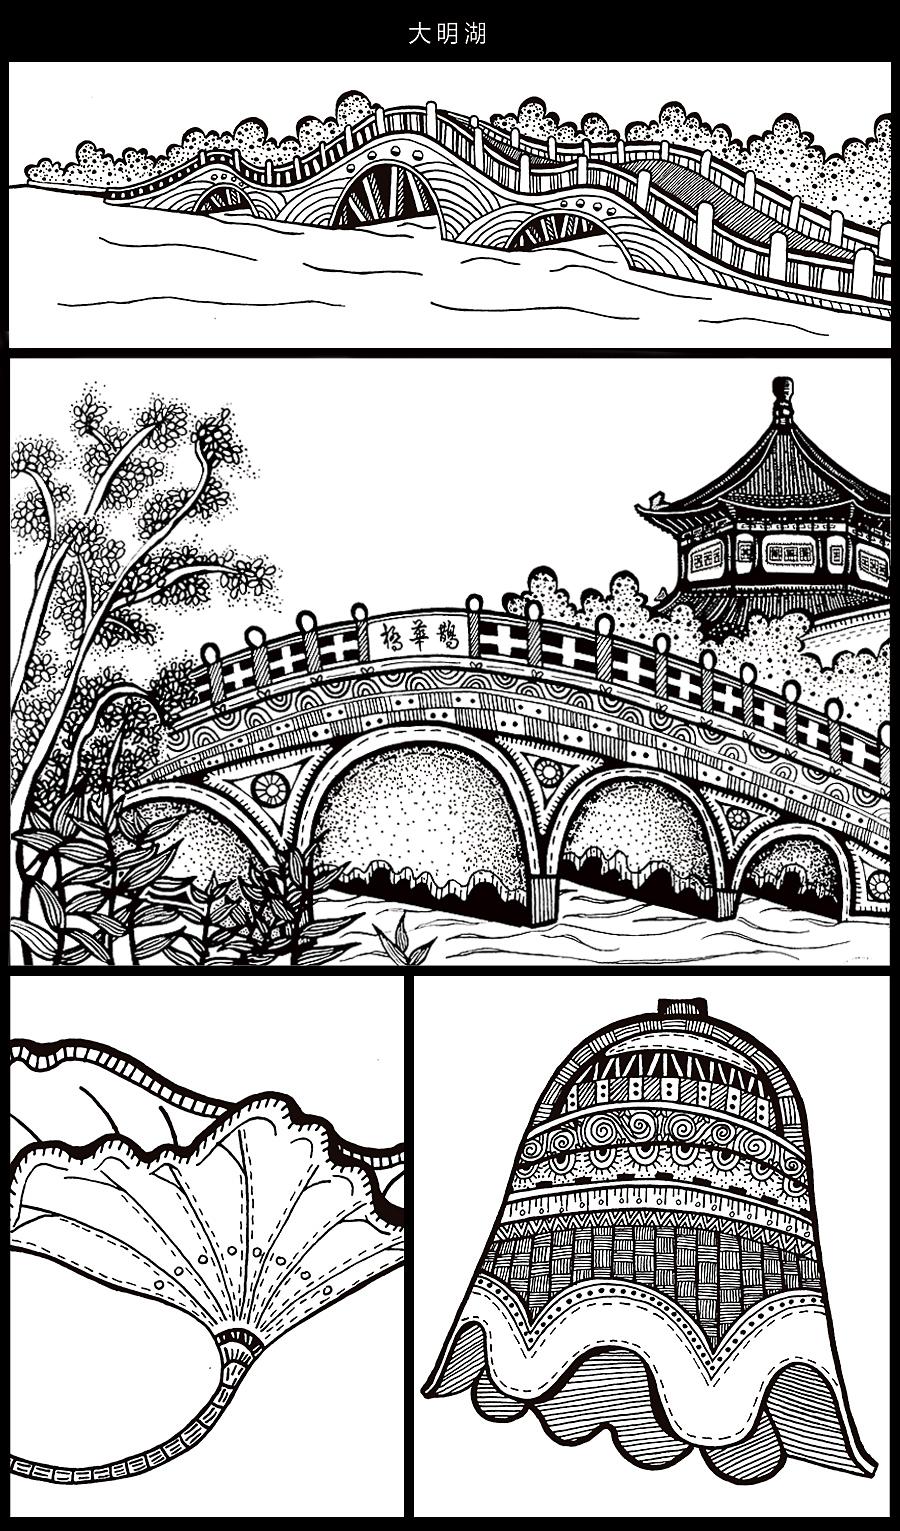 手绘济南-黑白风景装饰画|其他绘画|插画|佑佑佑小溪